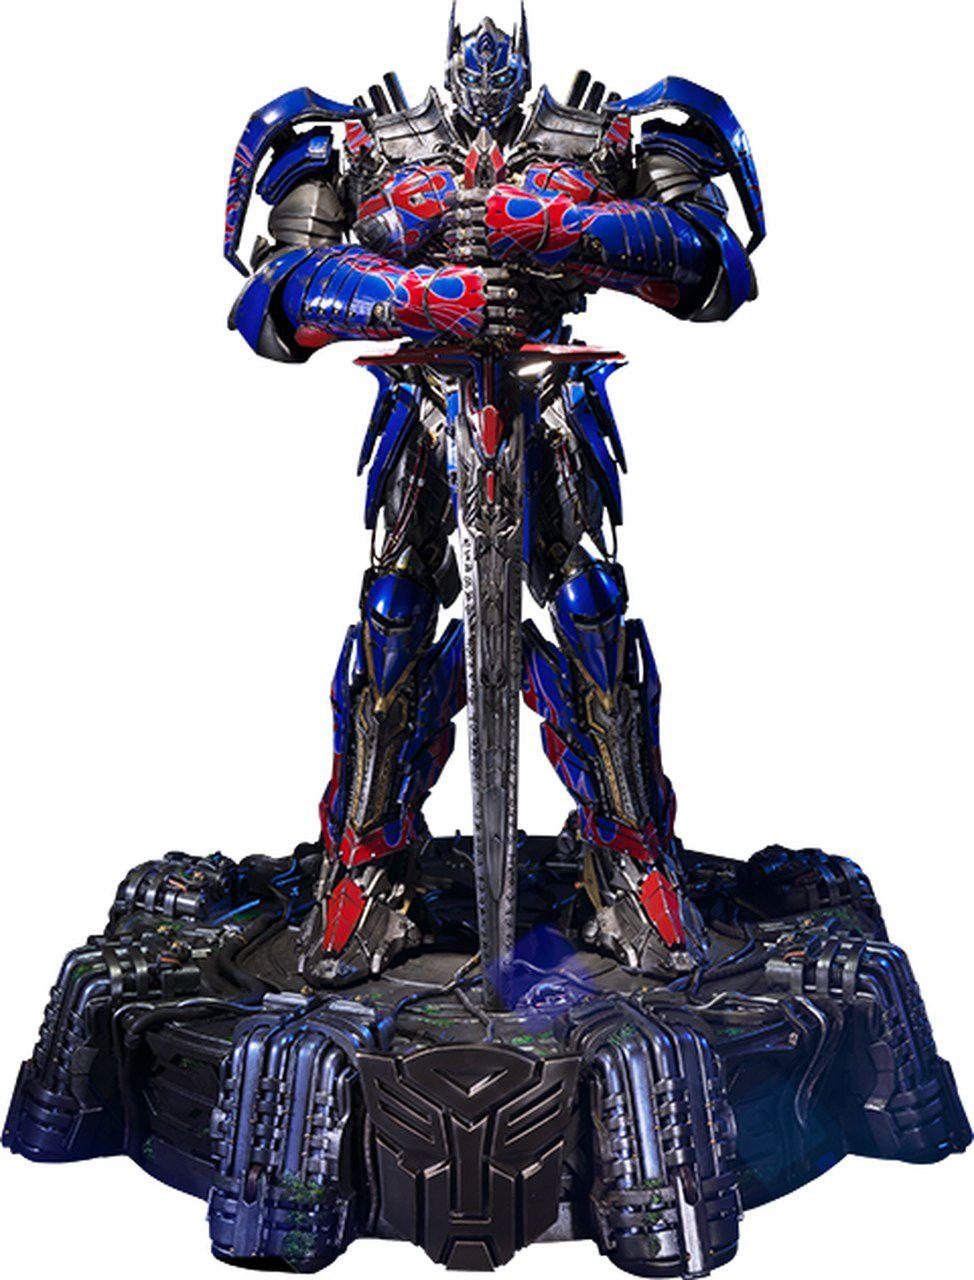 Estátua Optimus Prime (Knight Edition): Transformers A Era da Extinção (Age of Extinction) - Prime 1 Studio